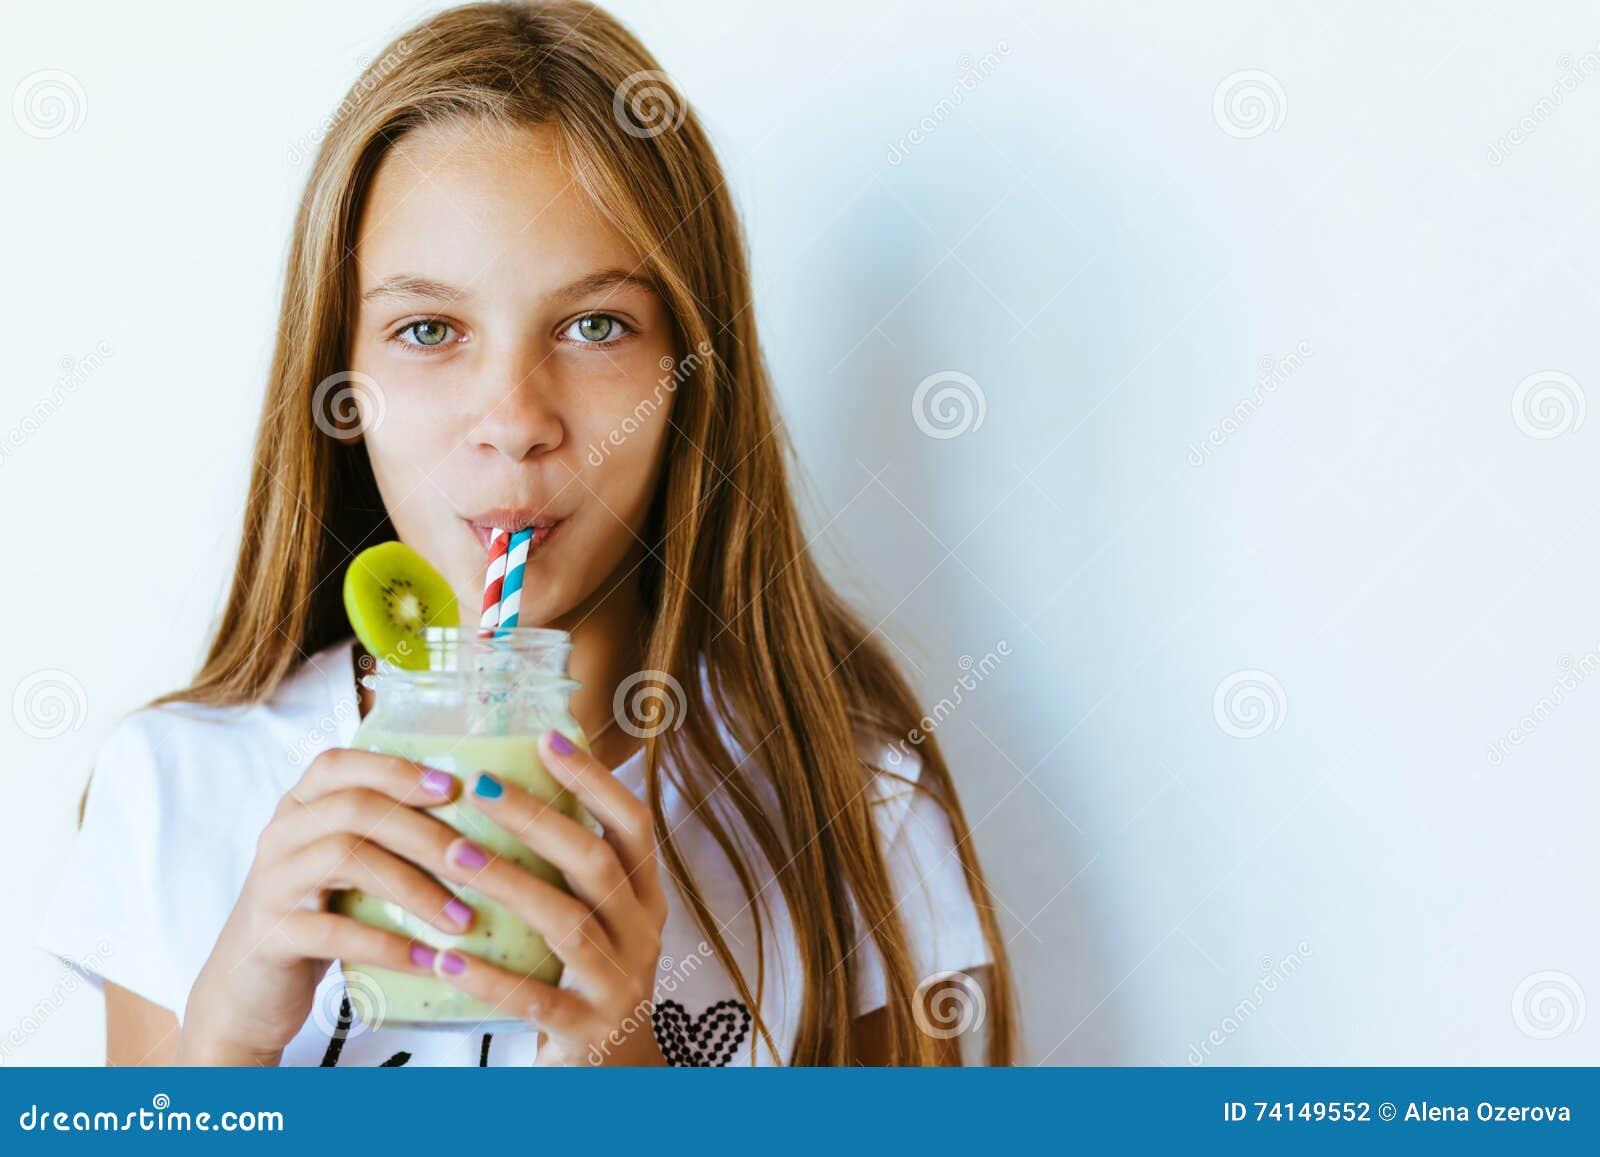 Girl is midget foto 43